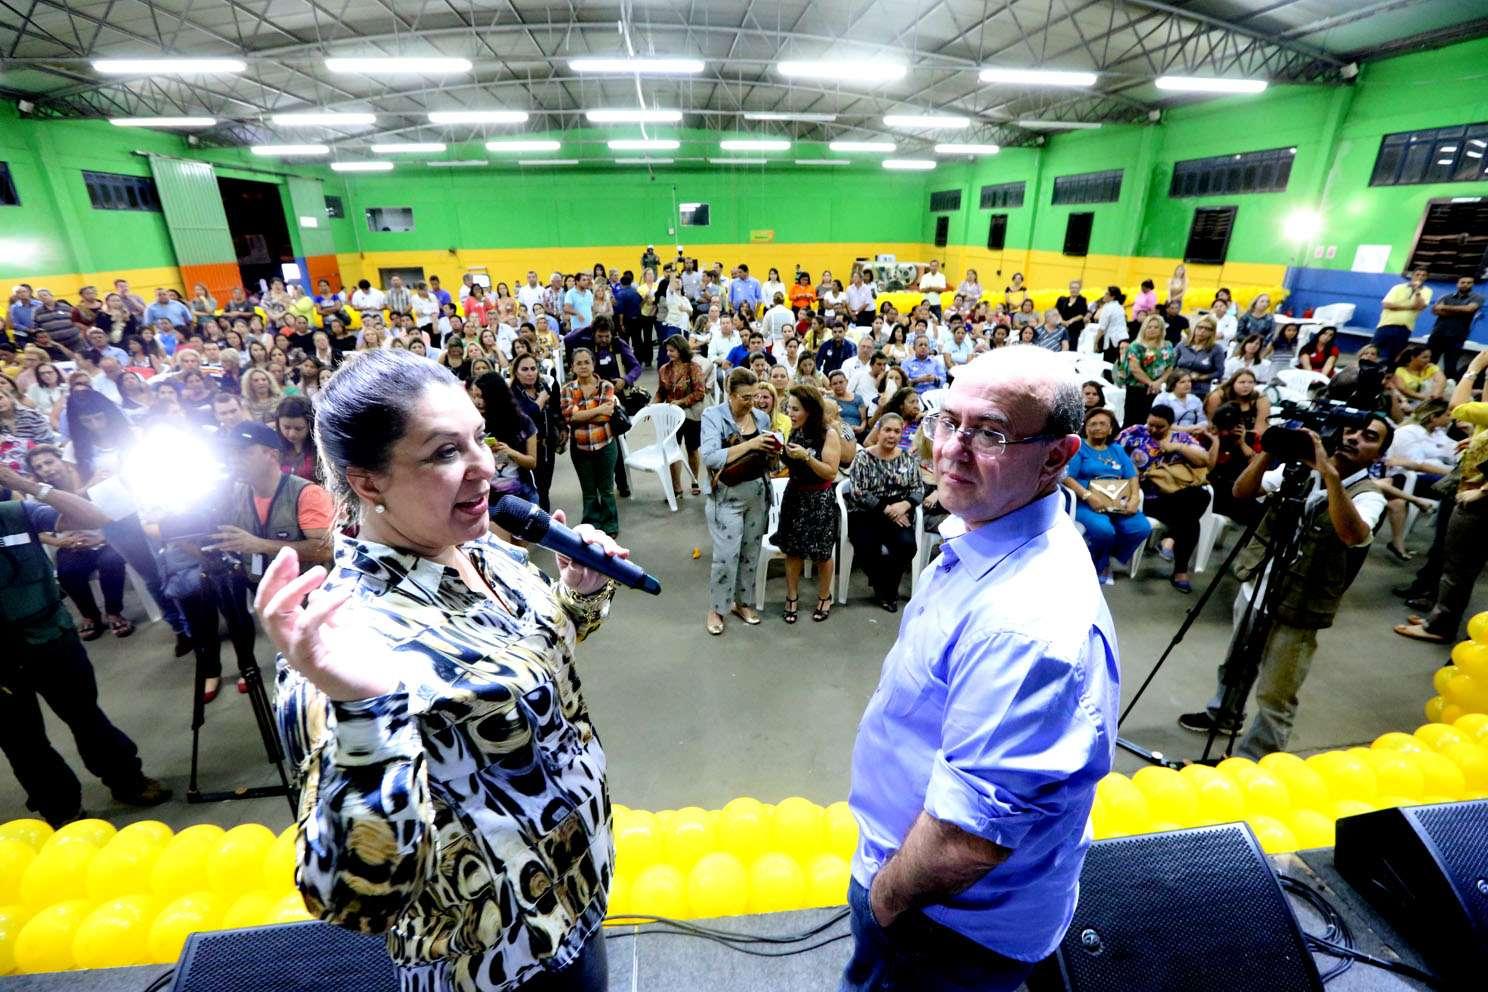 A aeronave de propriedade de Janete Riva (PSD) vale R$ 1 milhão, de acordo com declaração de bens feita junto ao TSE Foto: Assessoria/Divulgação